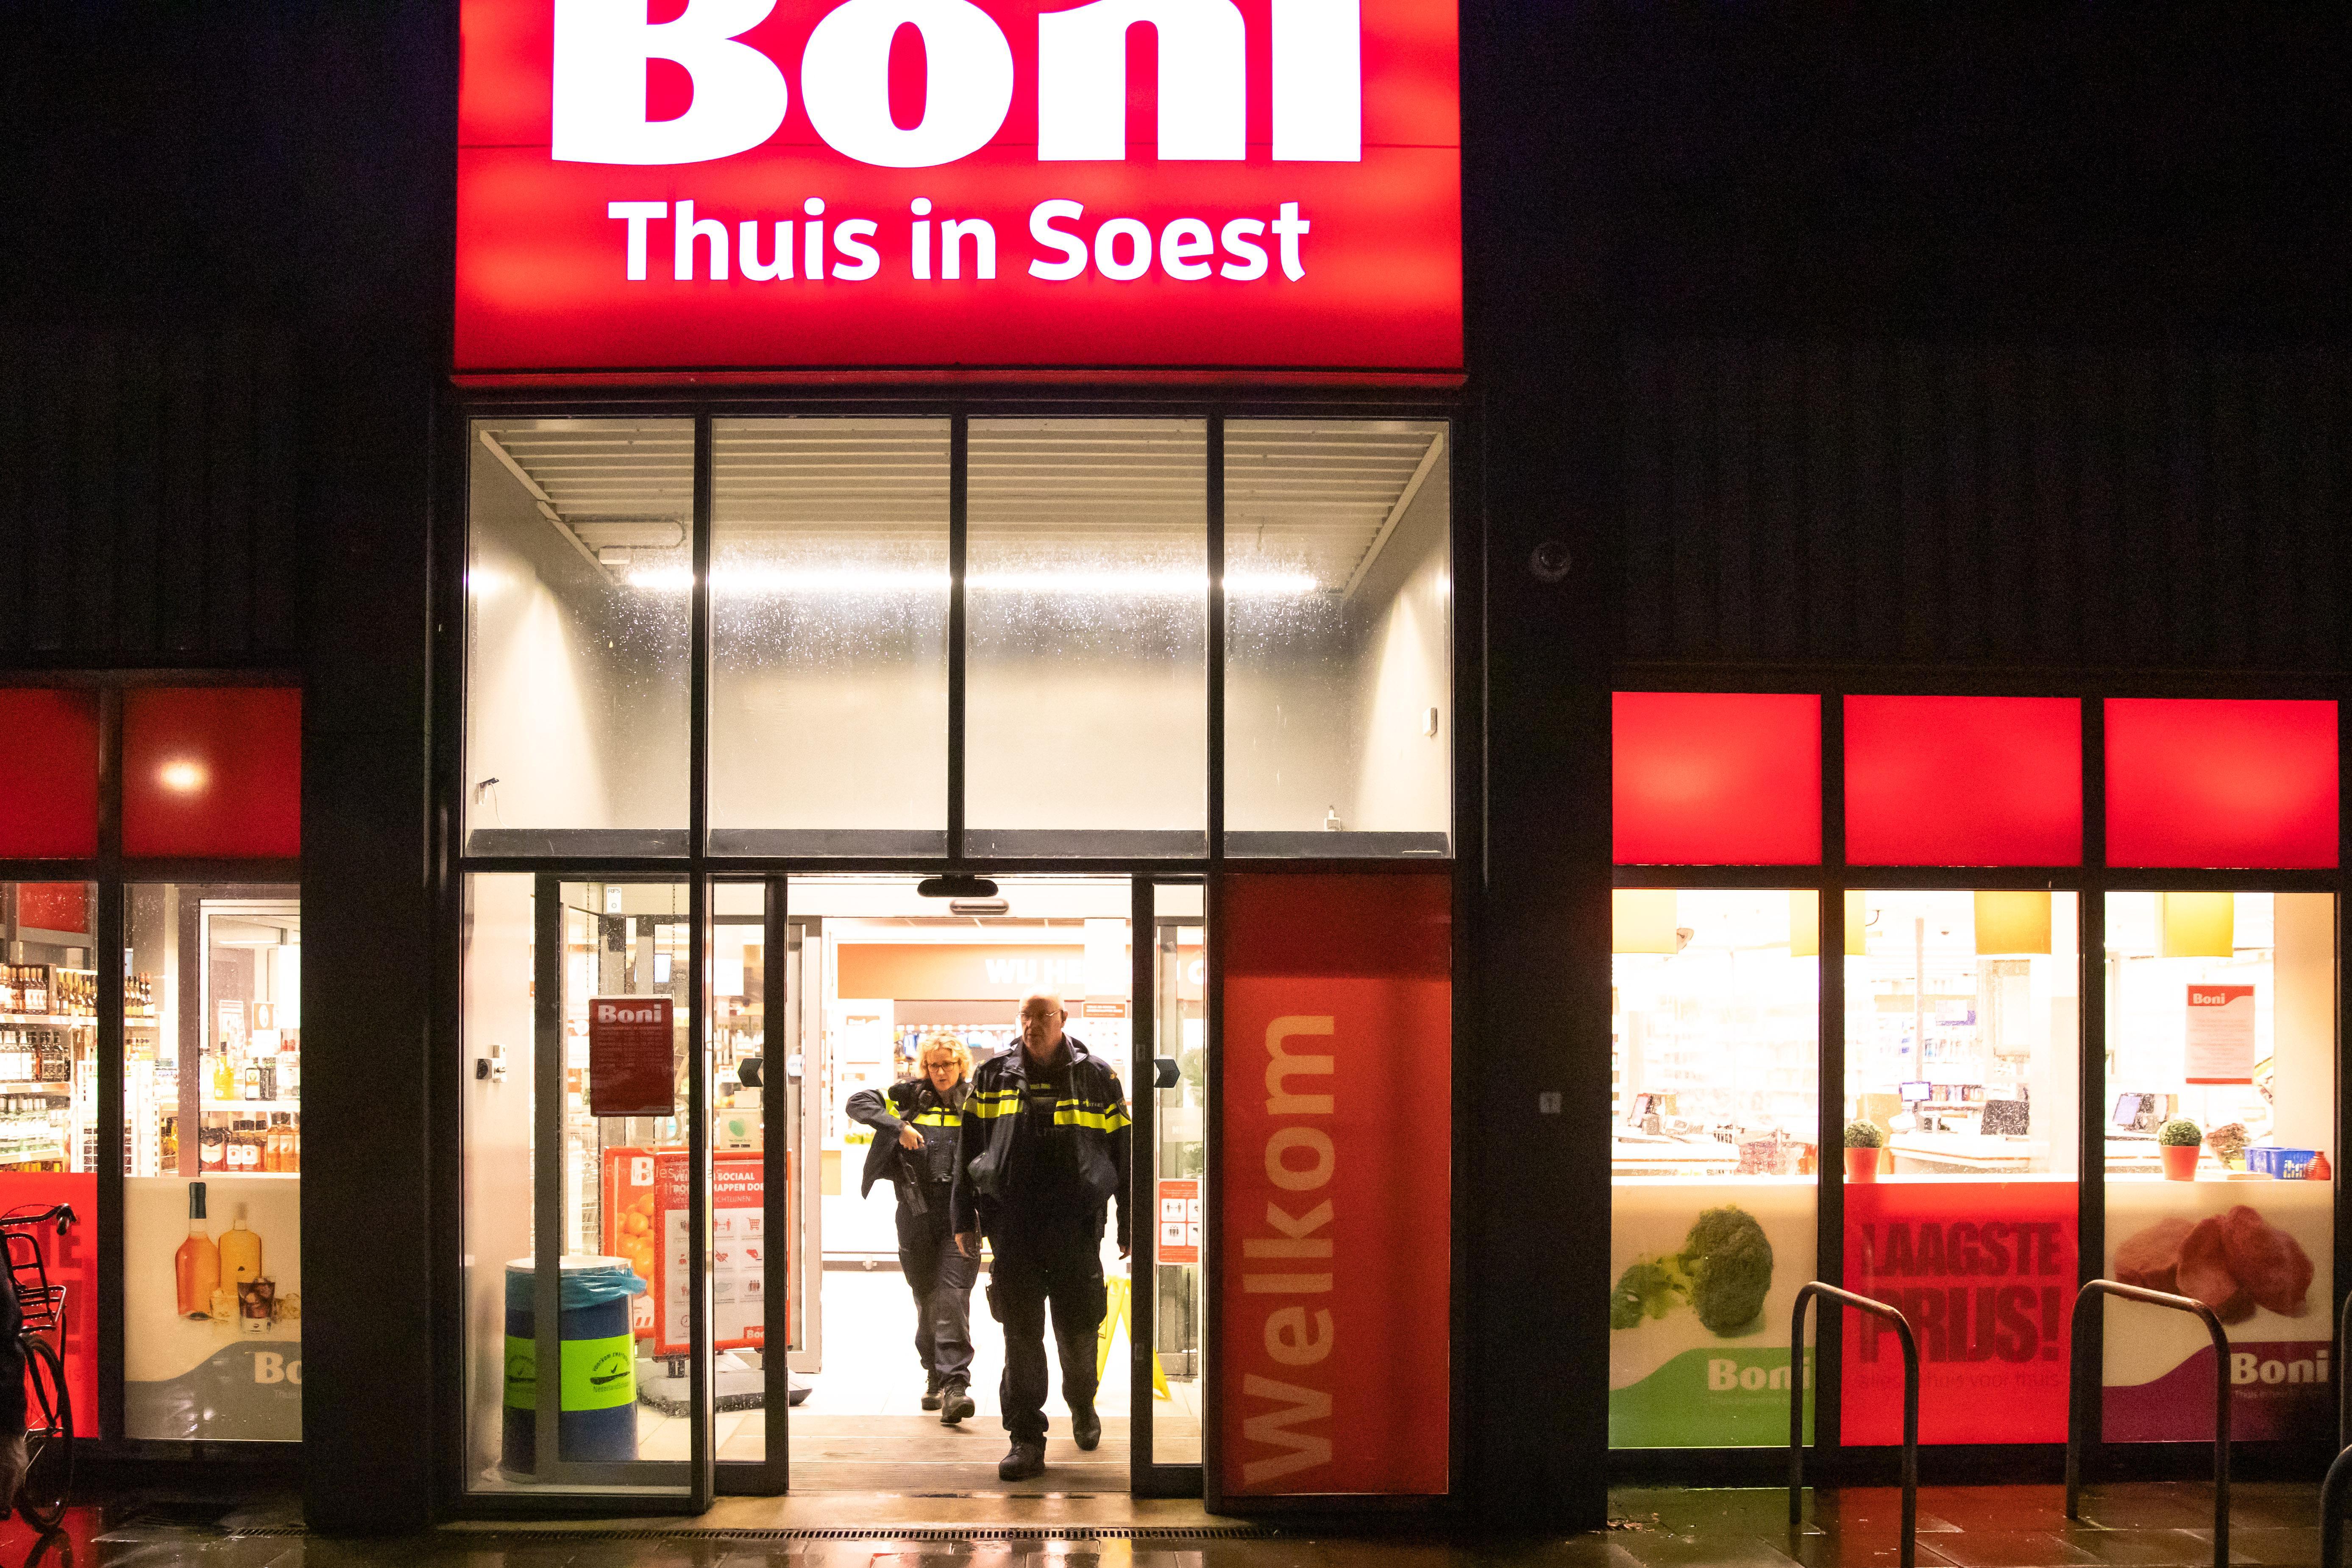 Baarnse jongens (15 en 17) opgepakt voor overval op Soester Boni, derde verdachte is nog voortvluchtig